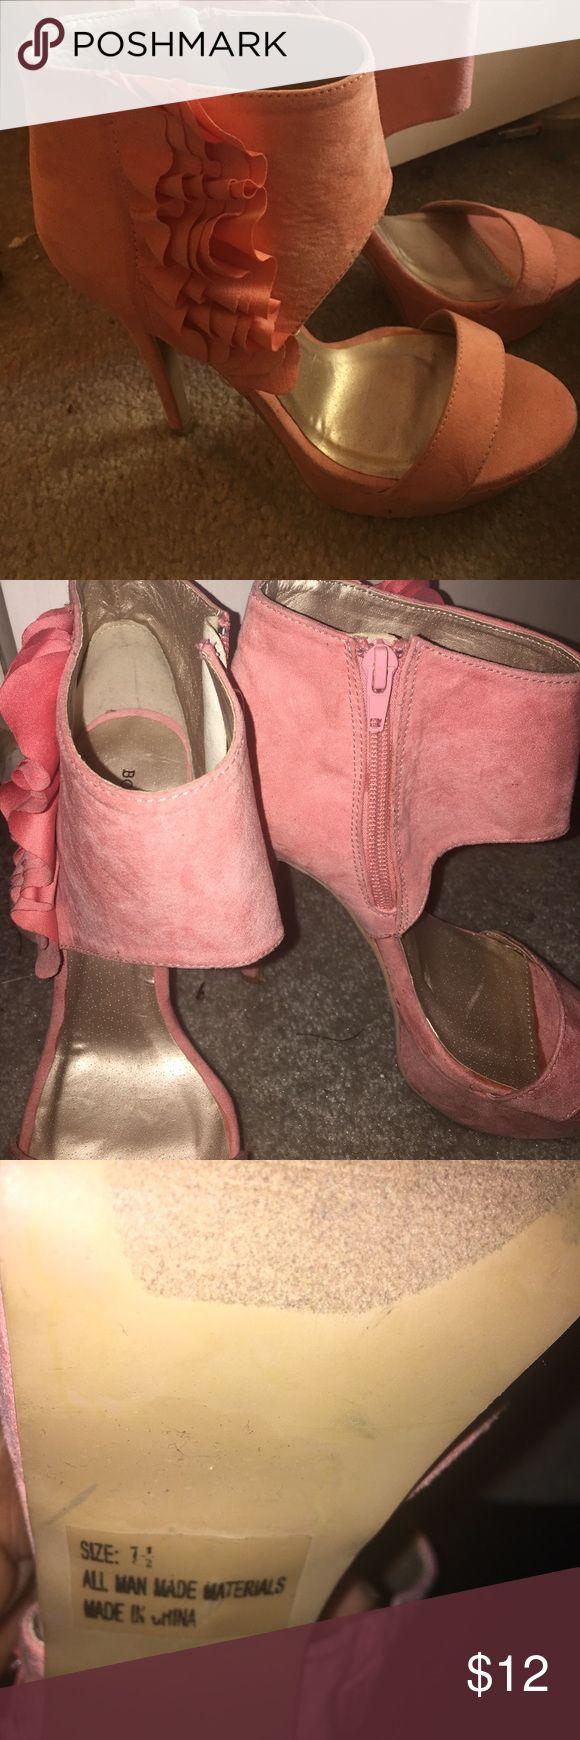 Cute body central pump Mauve body central pump sandal Shoes Heels